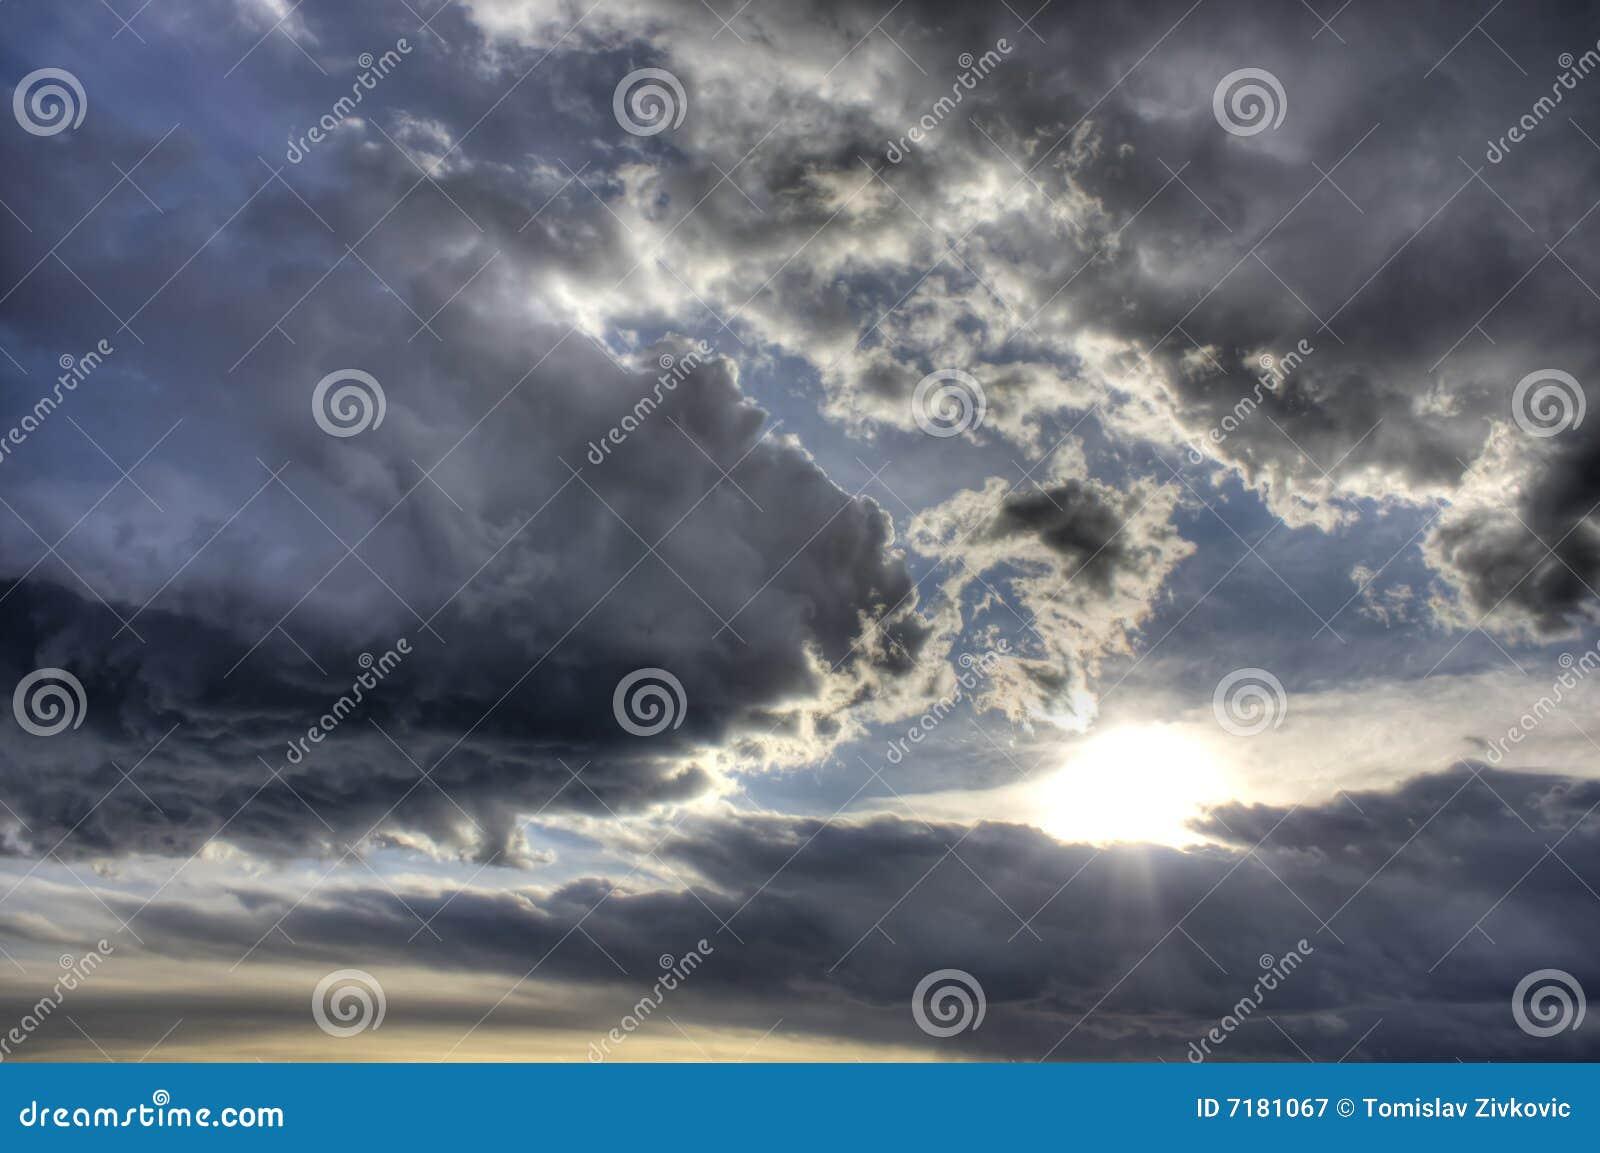 δραματική εικόνα hdr σύννεφων